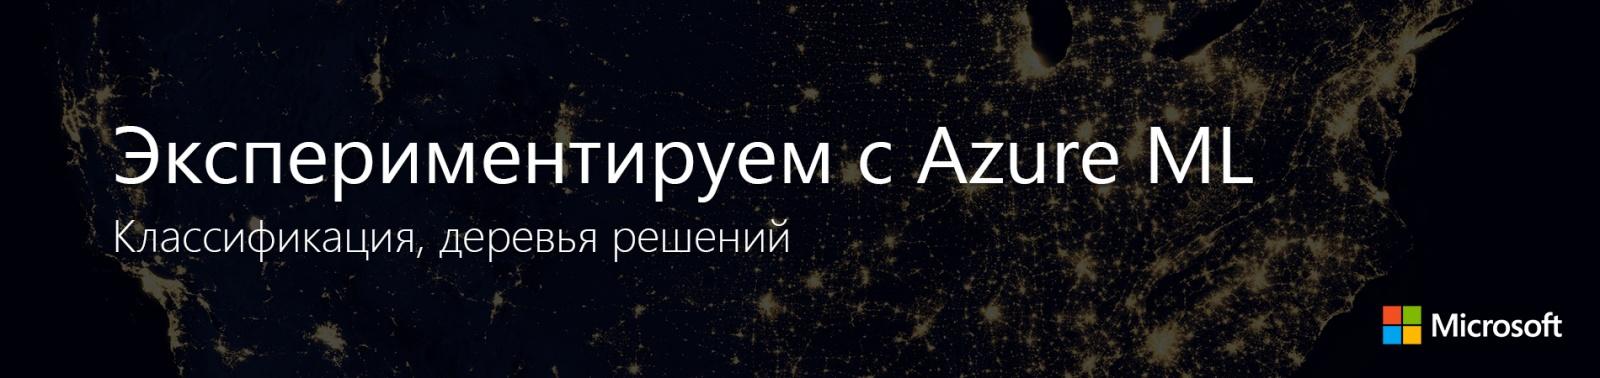 Экспериментируем с Azure ML: Классификация, деревья решений - 1